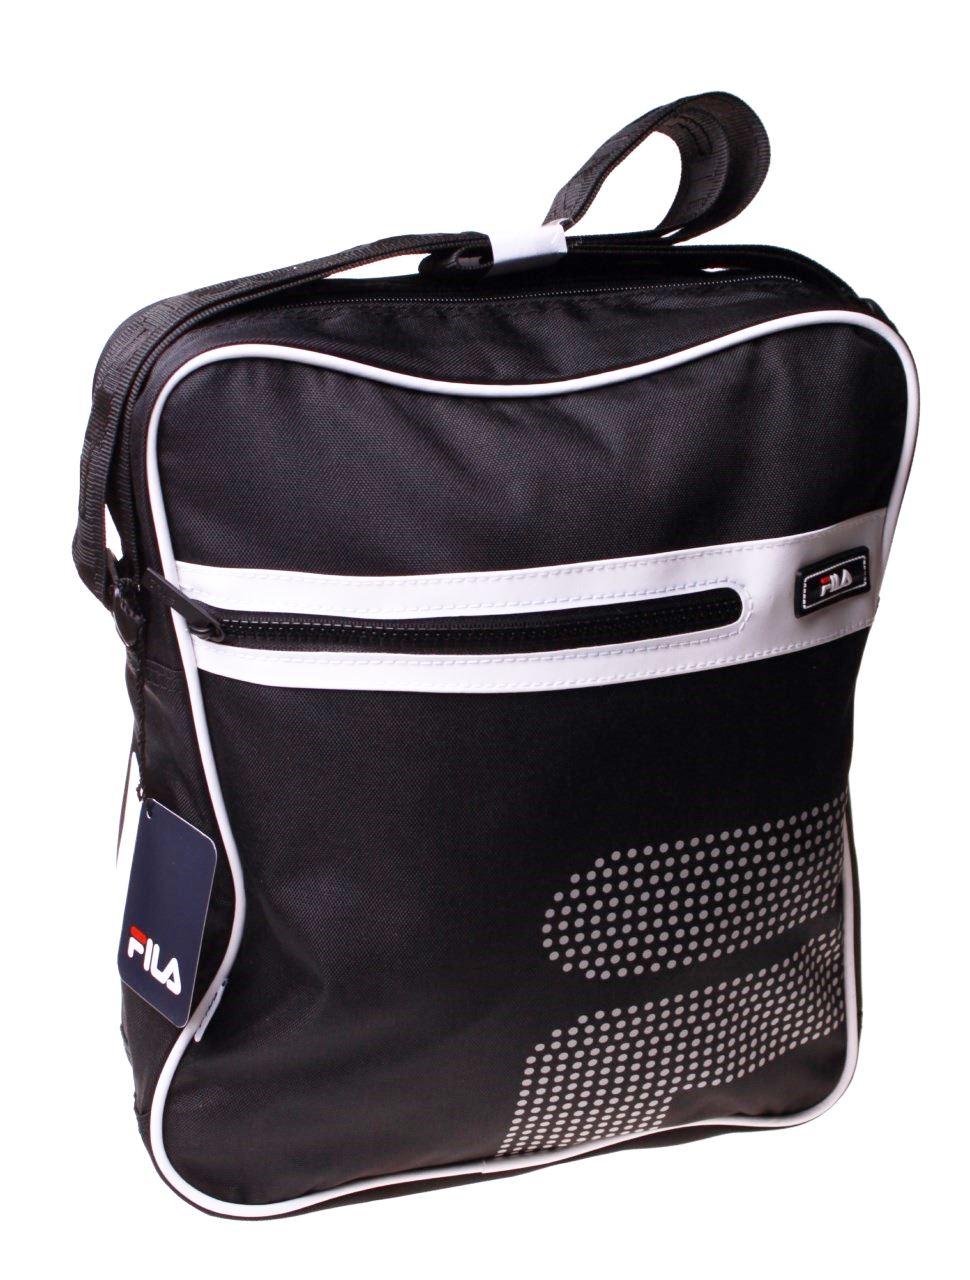 3d8830628fba Details about Fila Black Messenger Bag Travel Office Shoulder Satchel  School Gift Handbag Camp